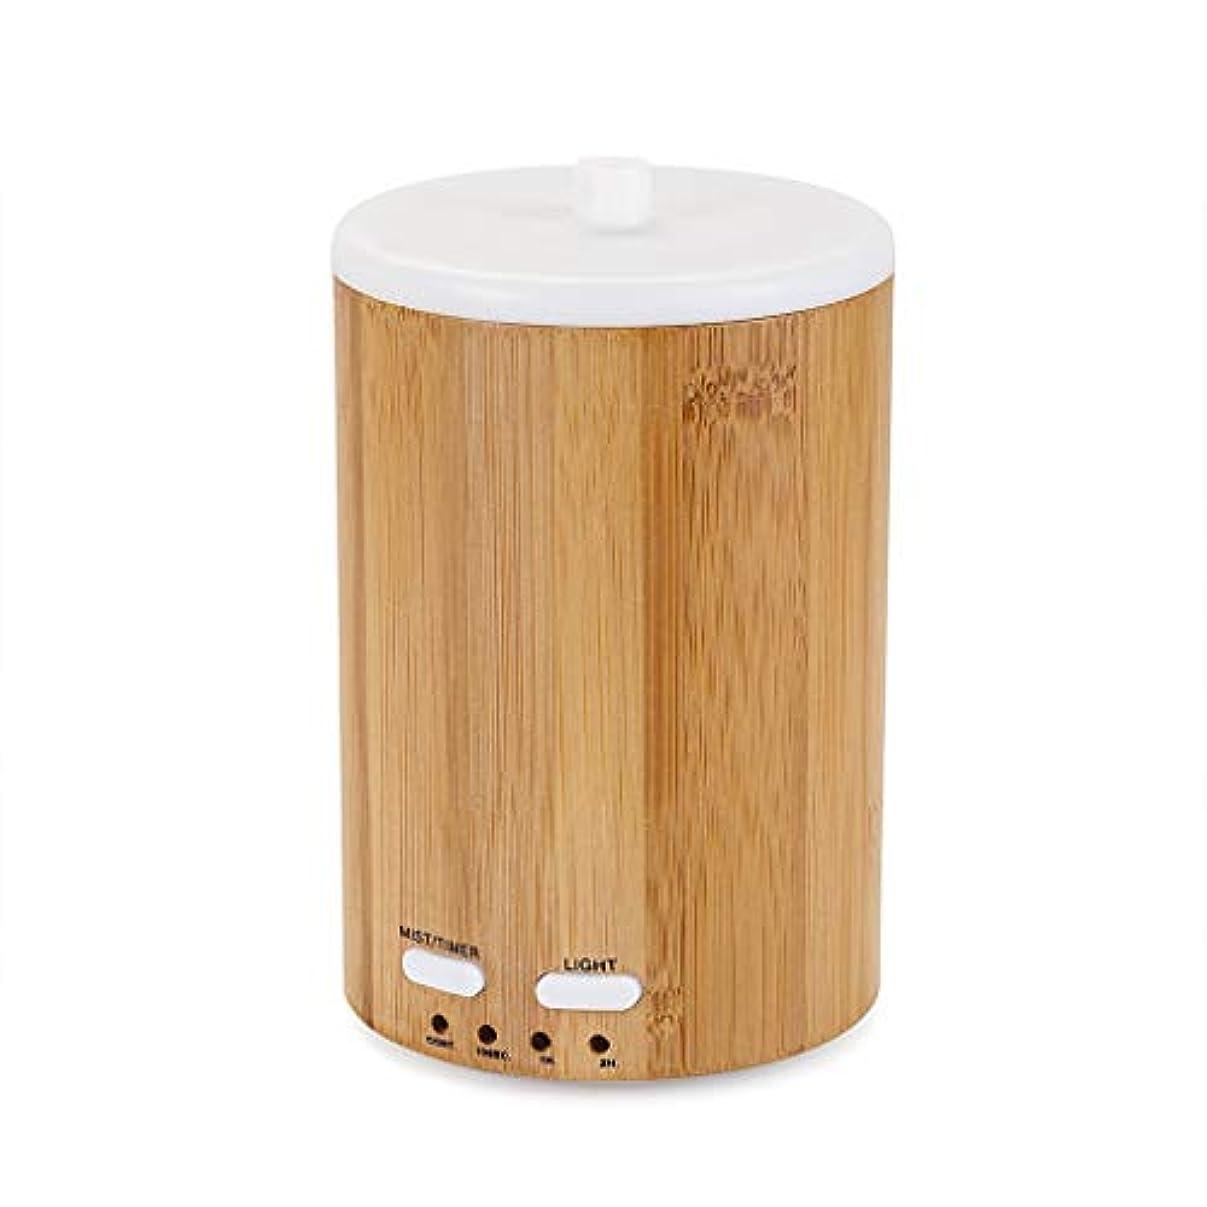 誤解レプリカジョイントアップグレードされたリアル竹ディフューザー超音波ディフューザークールミスト加湿器断続的な連続ミスト2作業モードウォーターレスオートオフ7色LEDライト (Color : Bamboo)